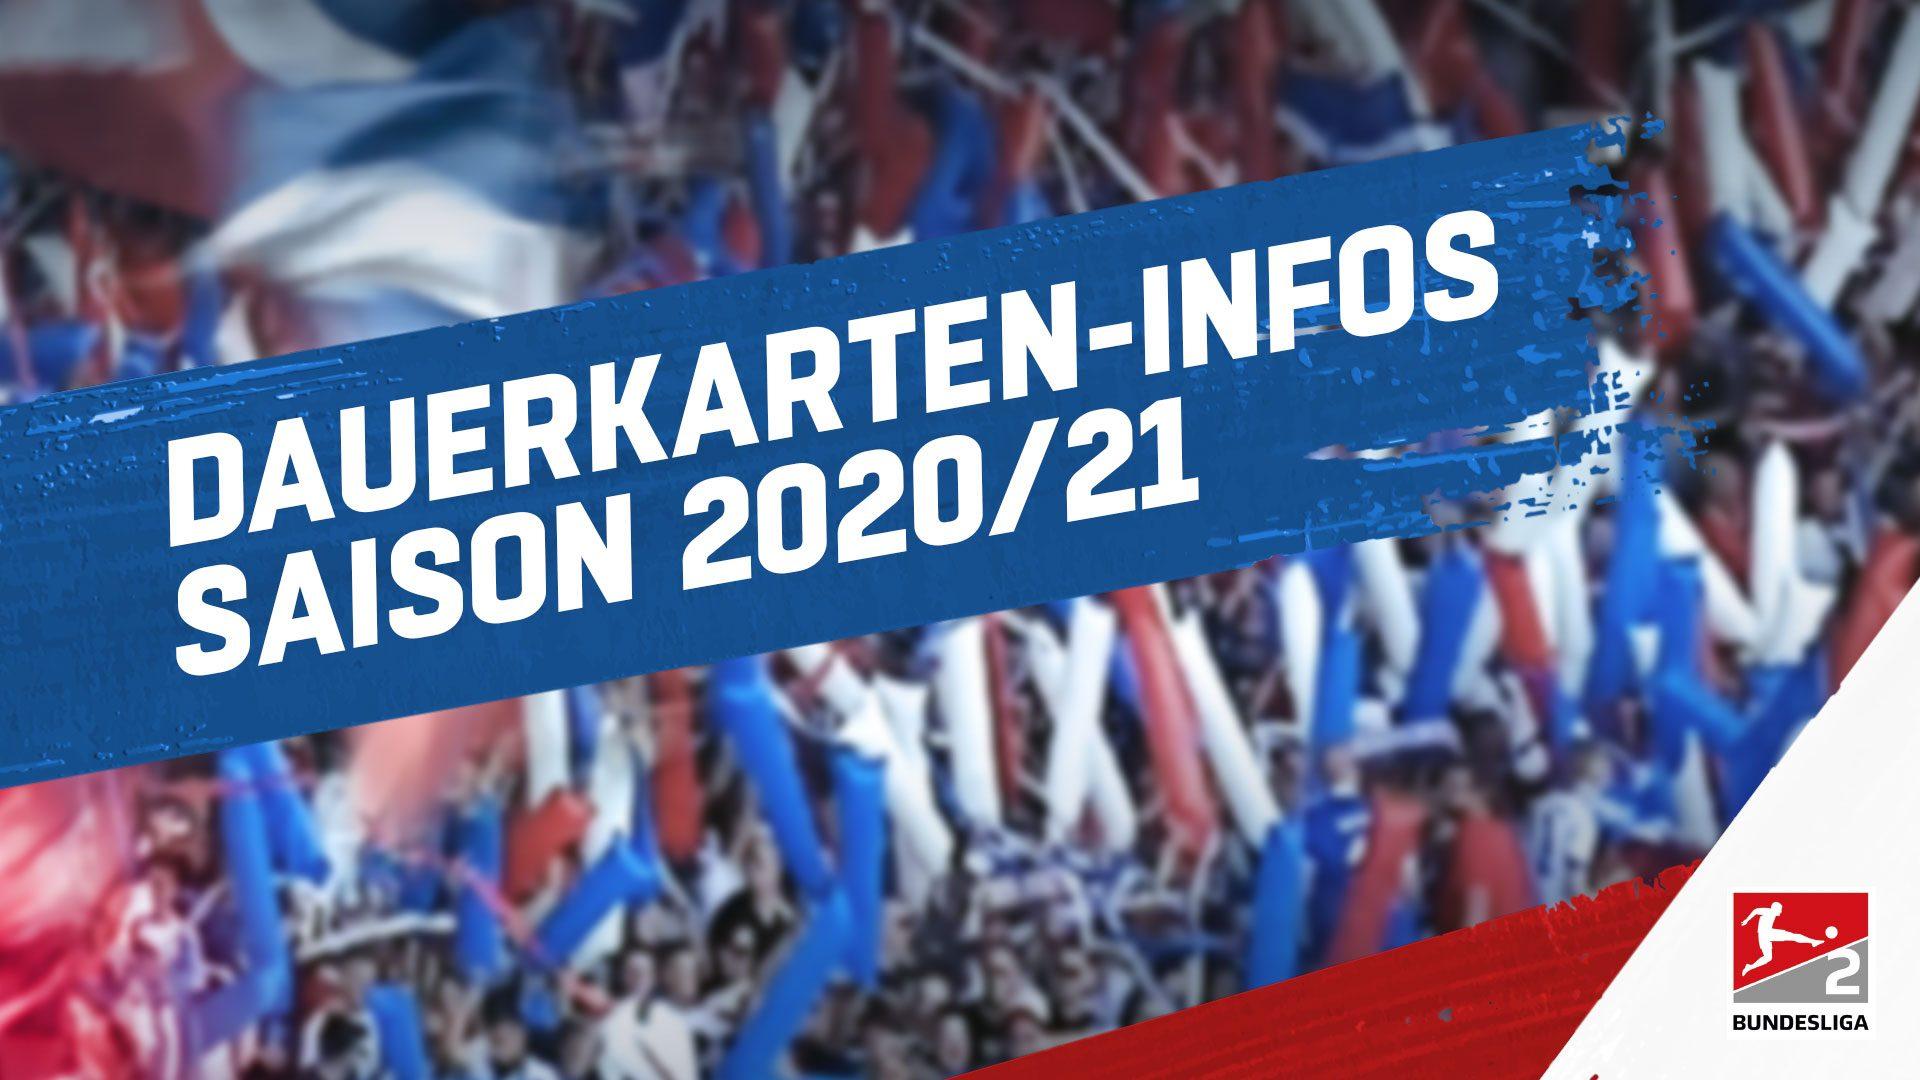 Dauerkarten Infos Saison 2020/21